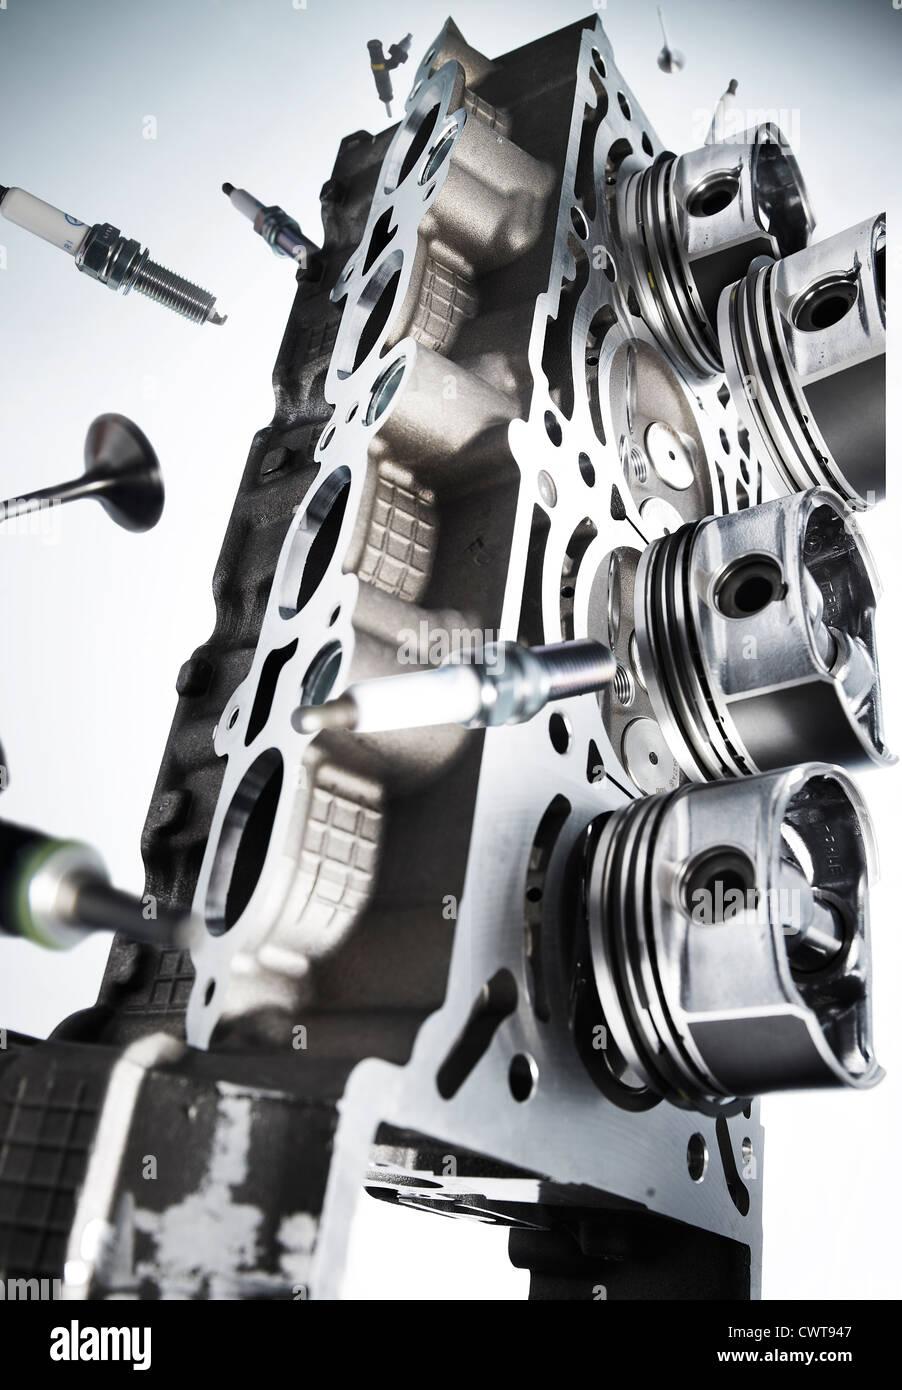 Auto-Motor-Block und Teile Stockfoto, Bild: 50321159 - Alamy